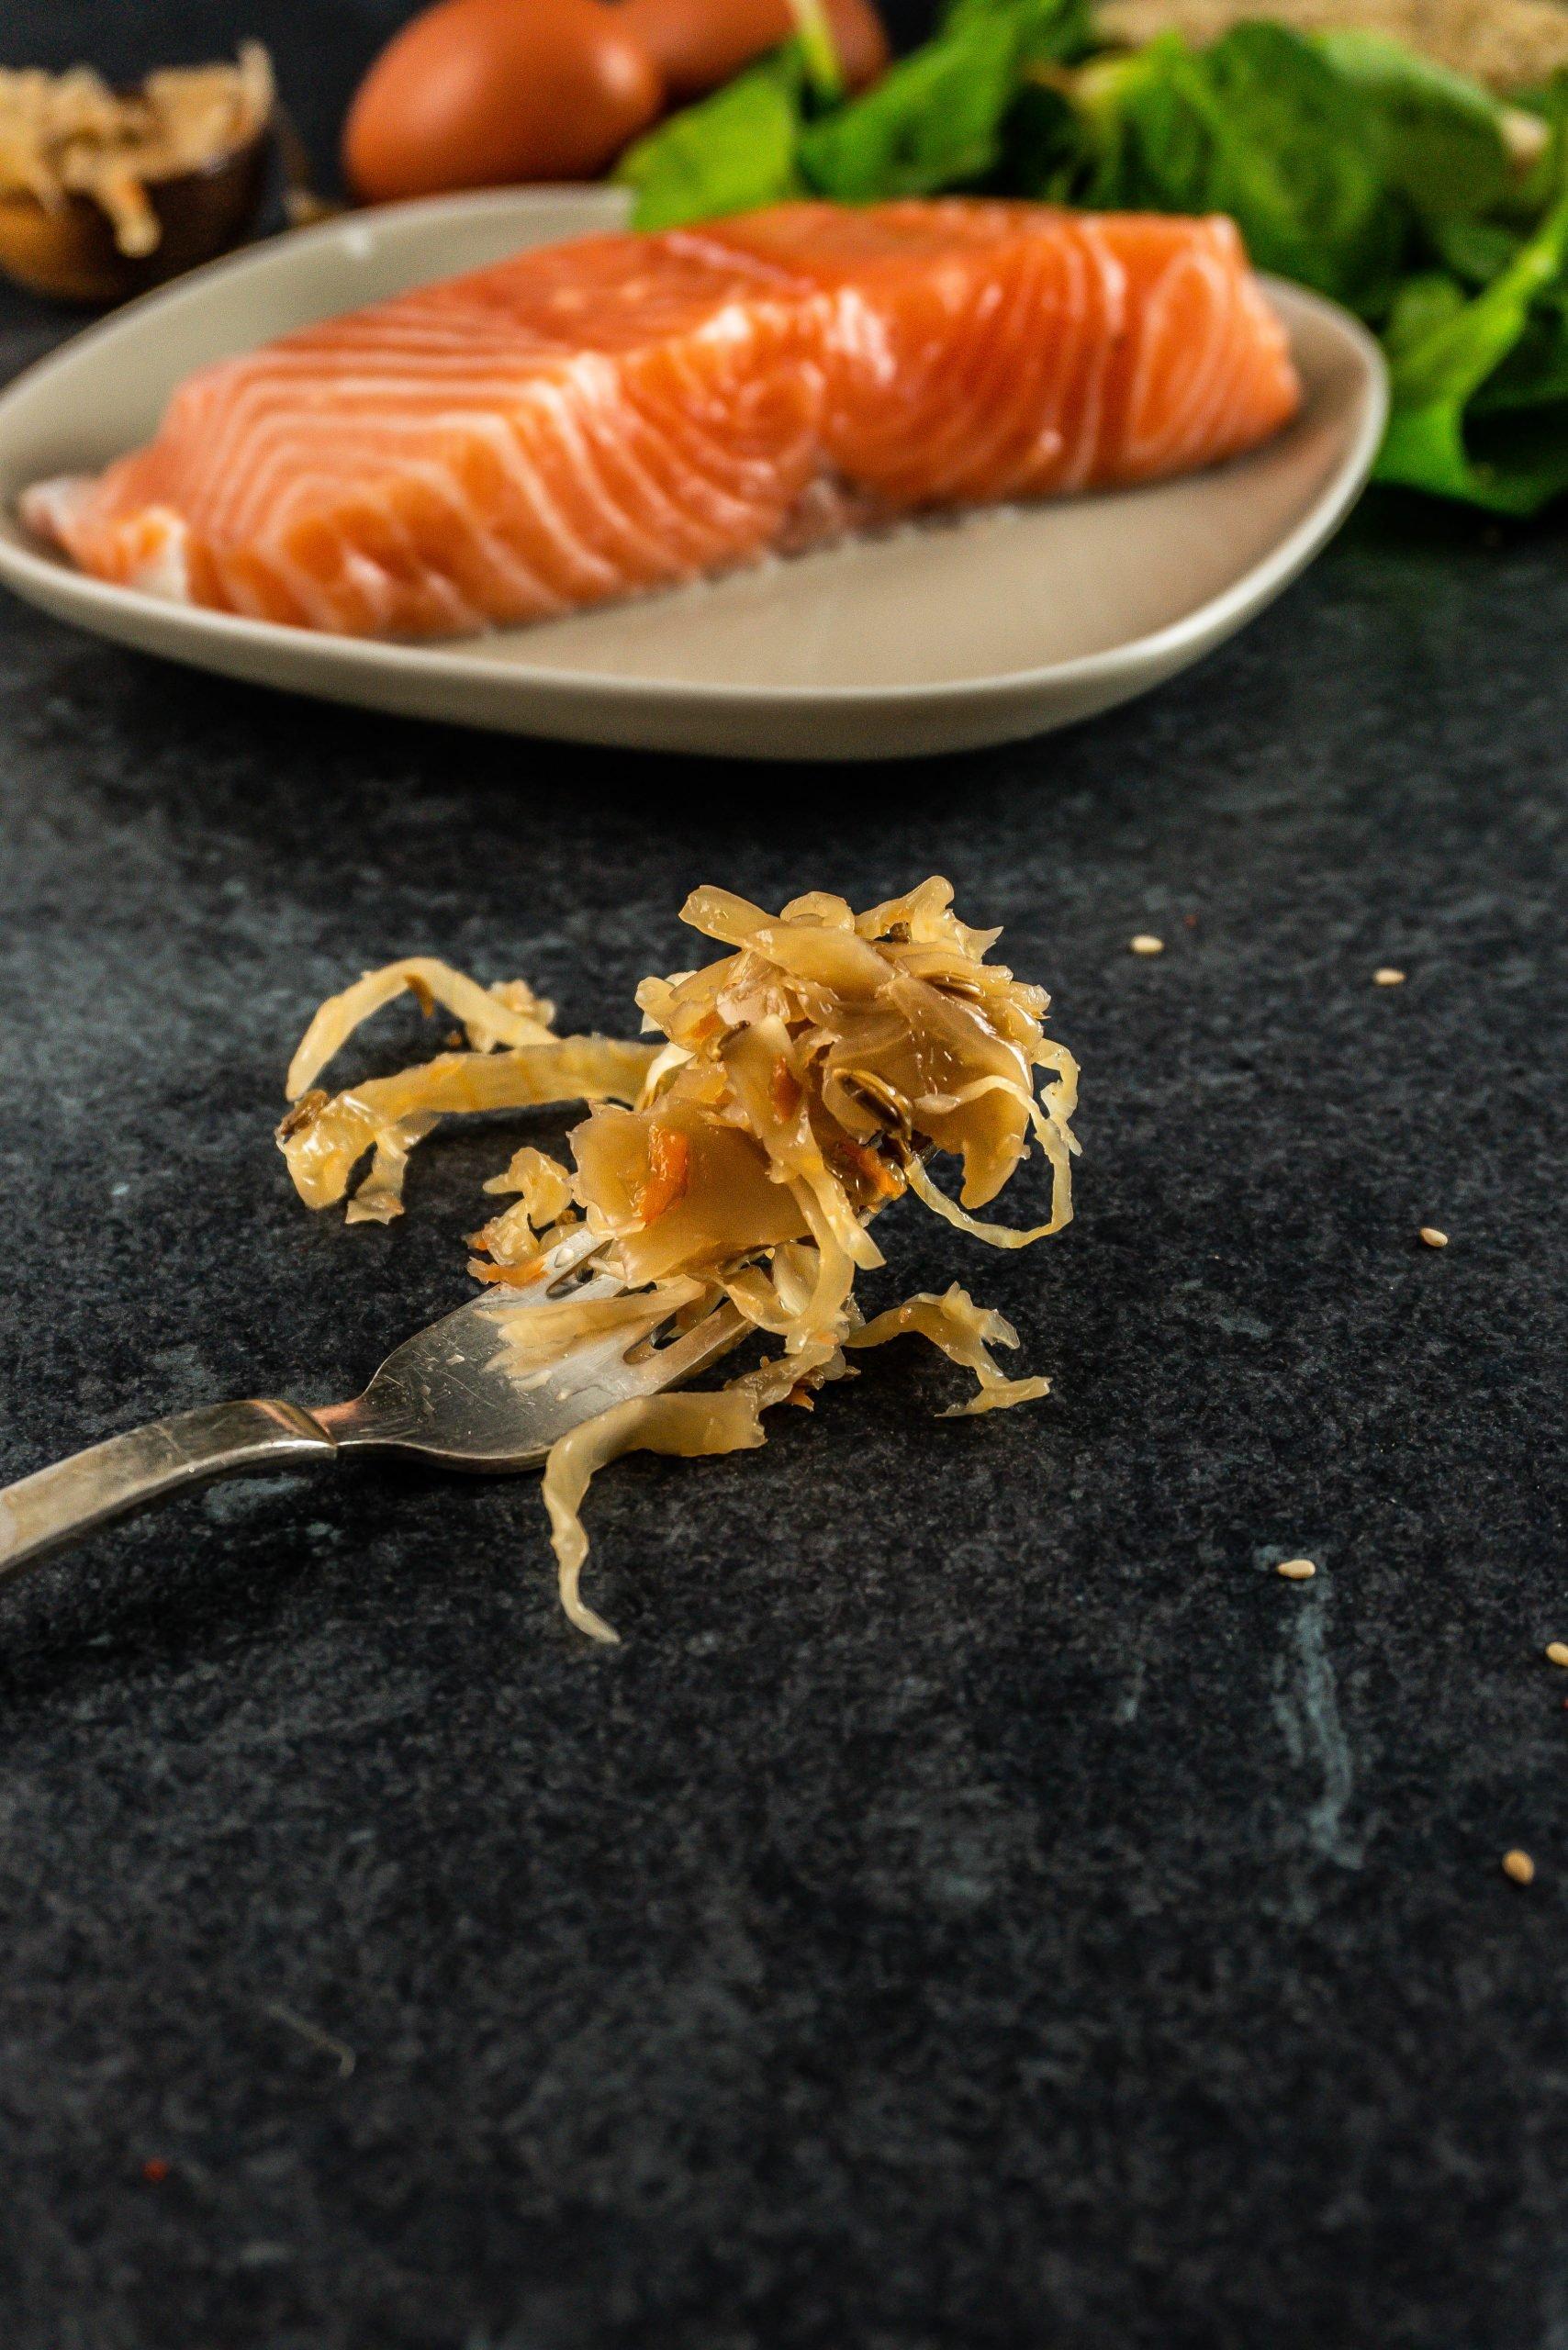 Sauerkraut on a fork laying on a dark background